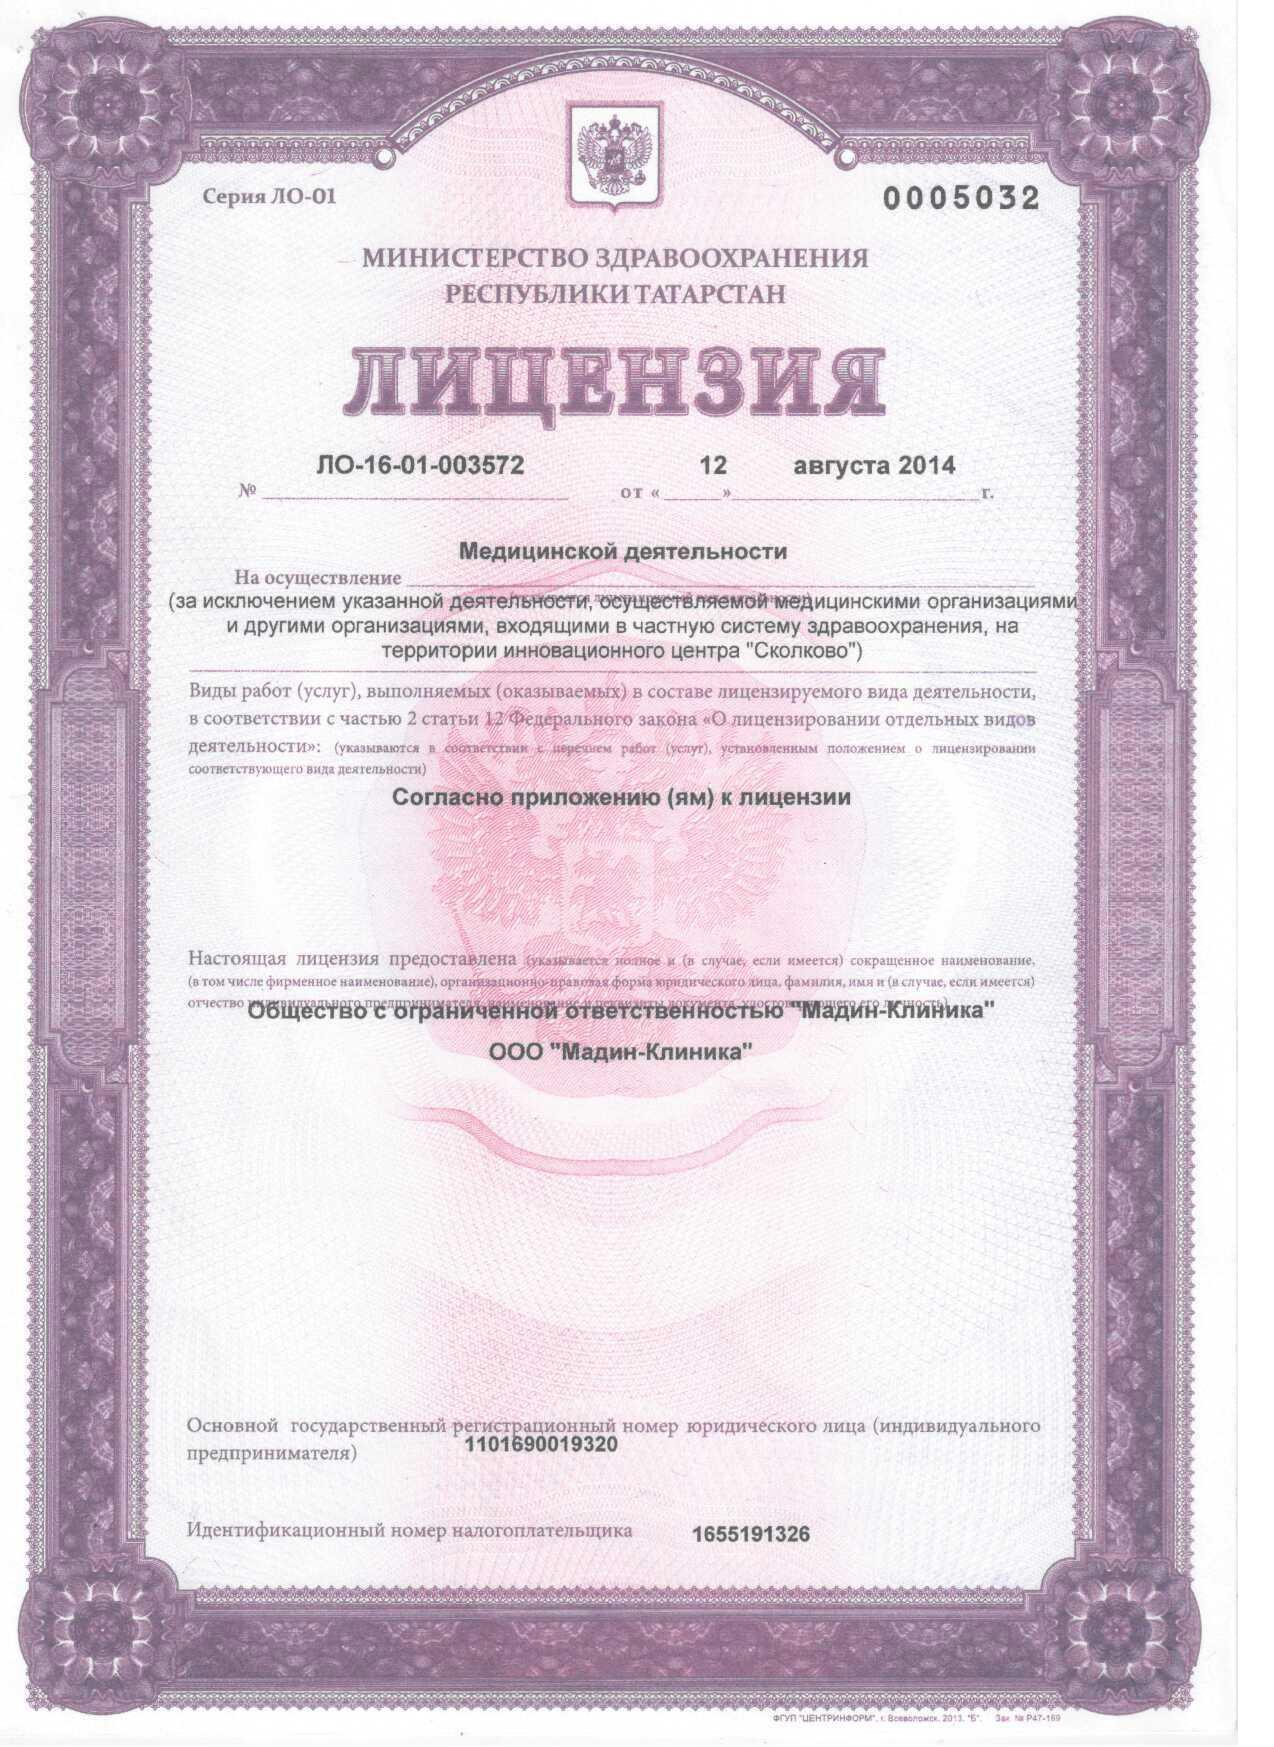 лицензия - Medosmotr16 - Медосмотр в Казани | Пройти медосмотр Дешево и быстро